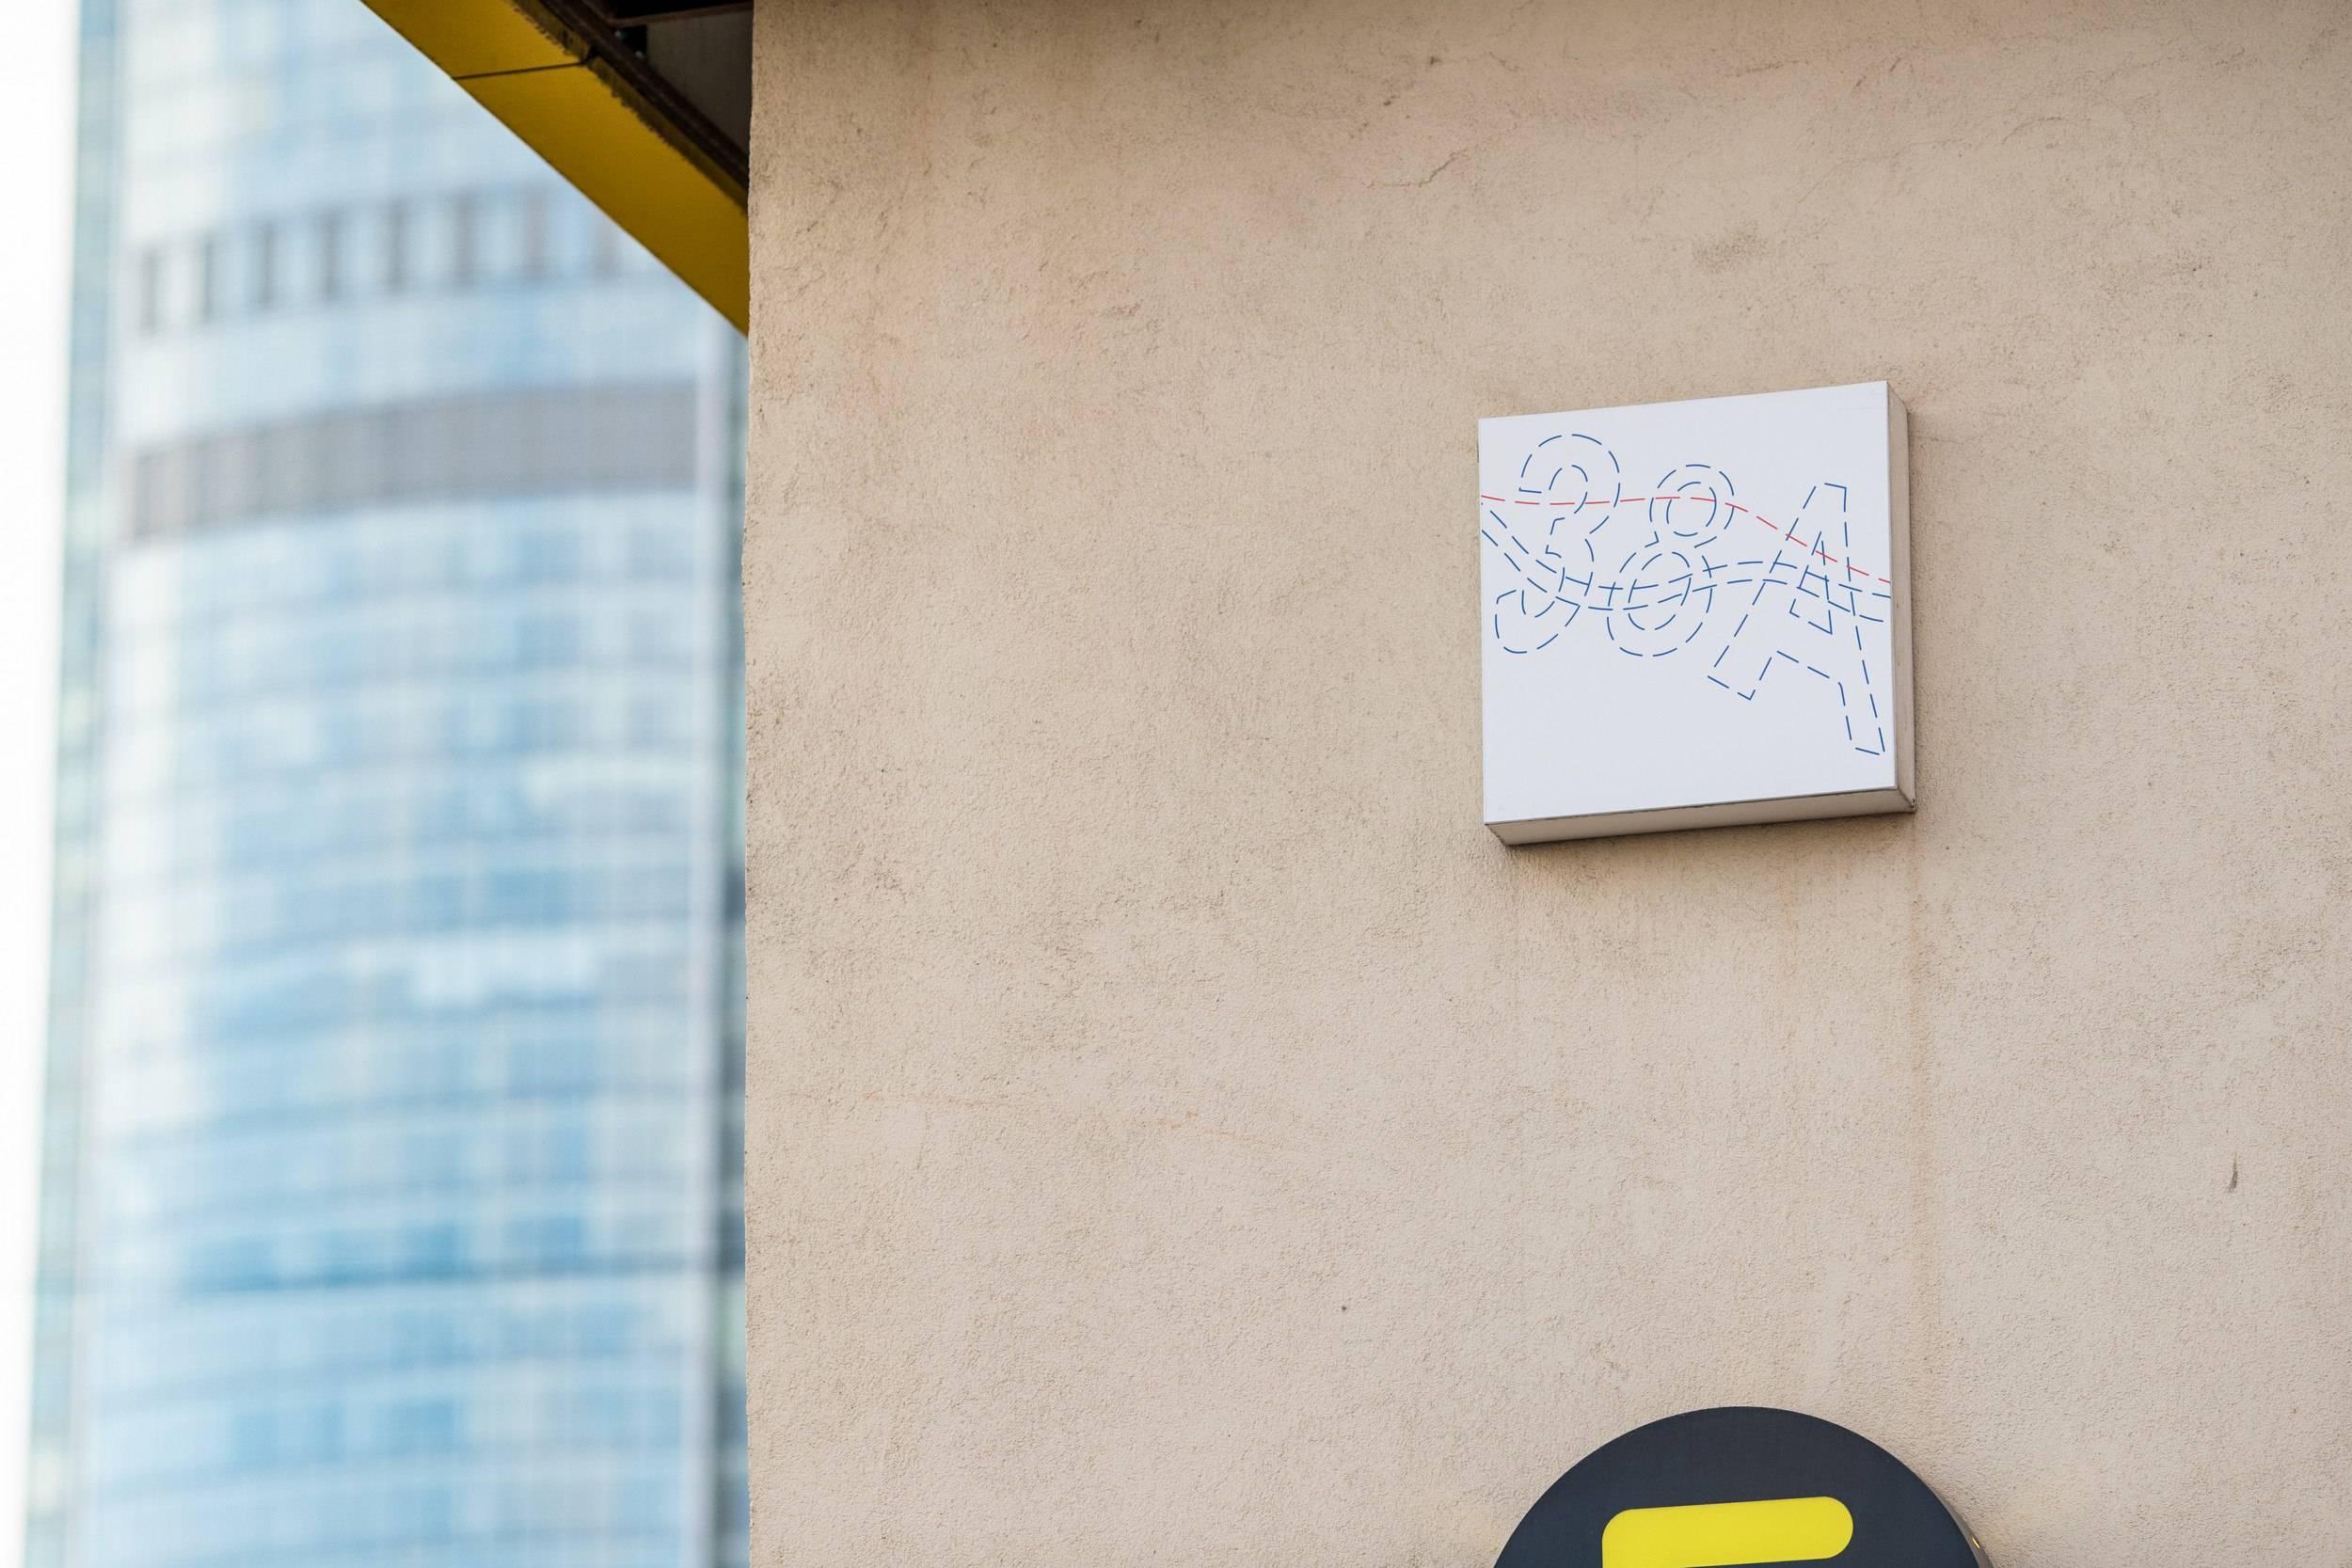 В центре Екатеринбурга вывески заменили «капчей» для отсеивания роботов 3